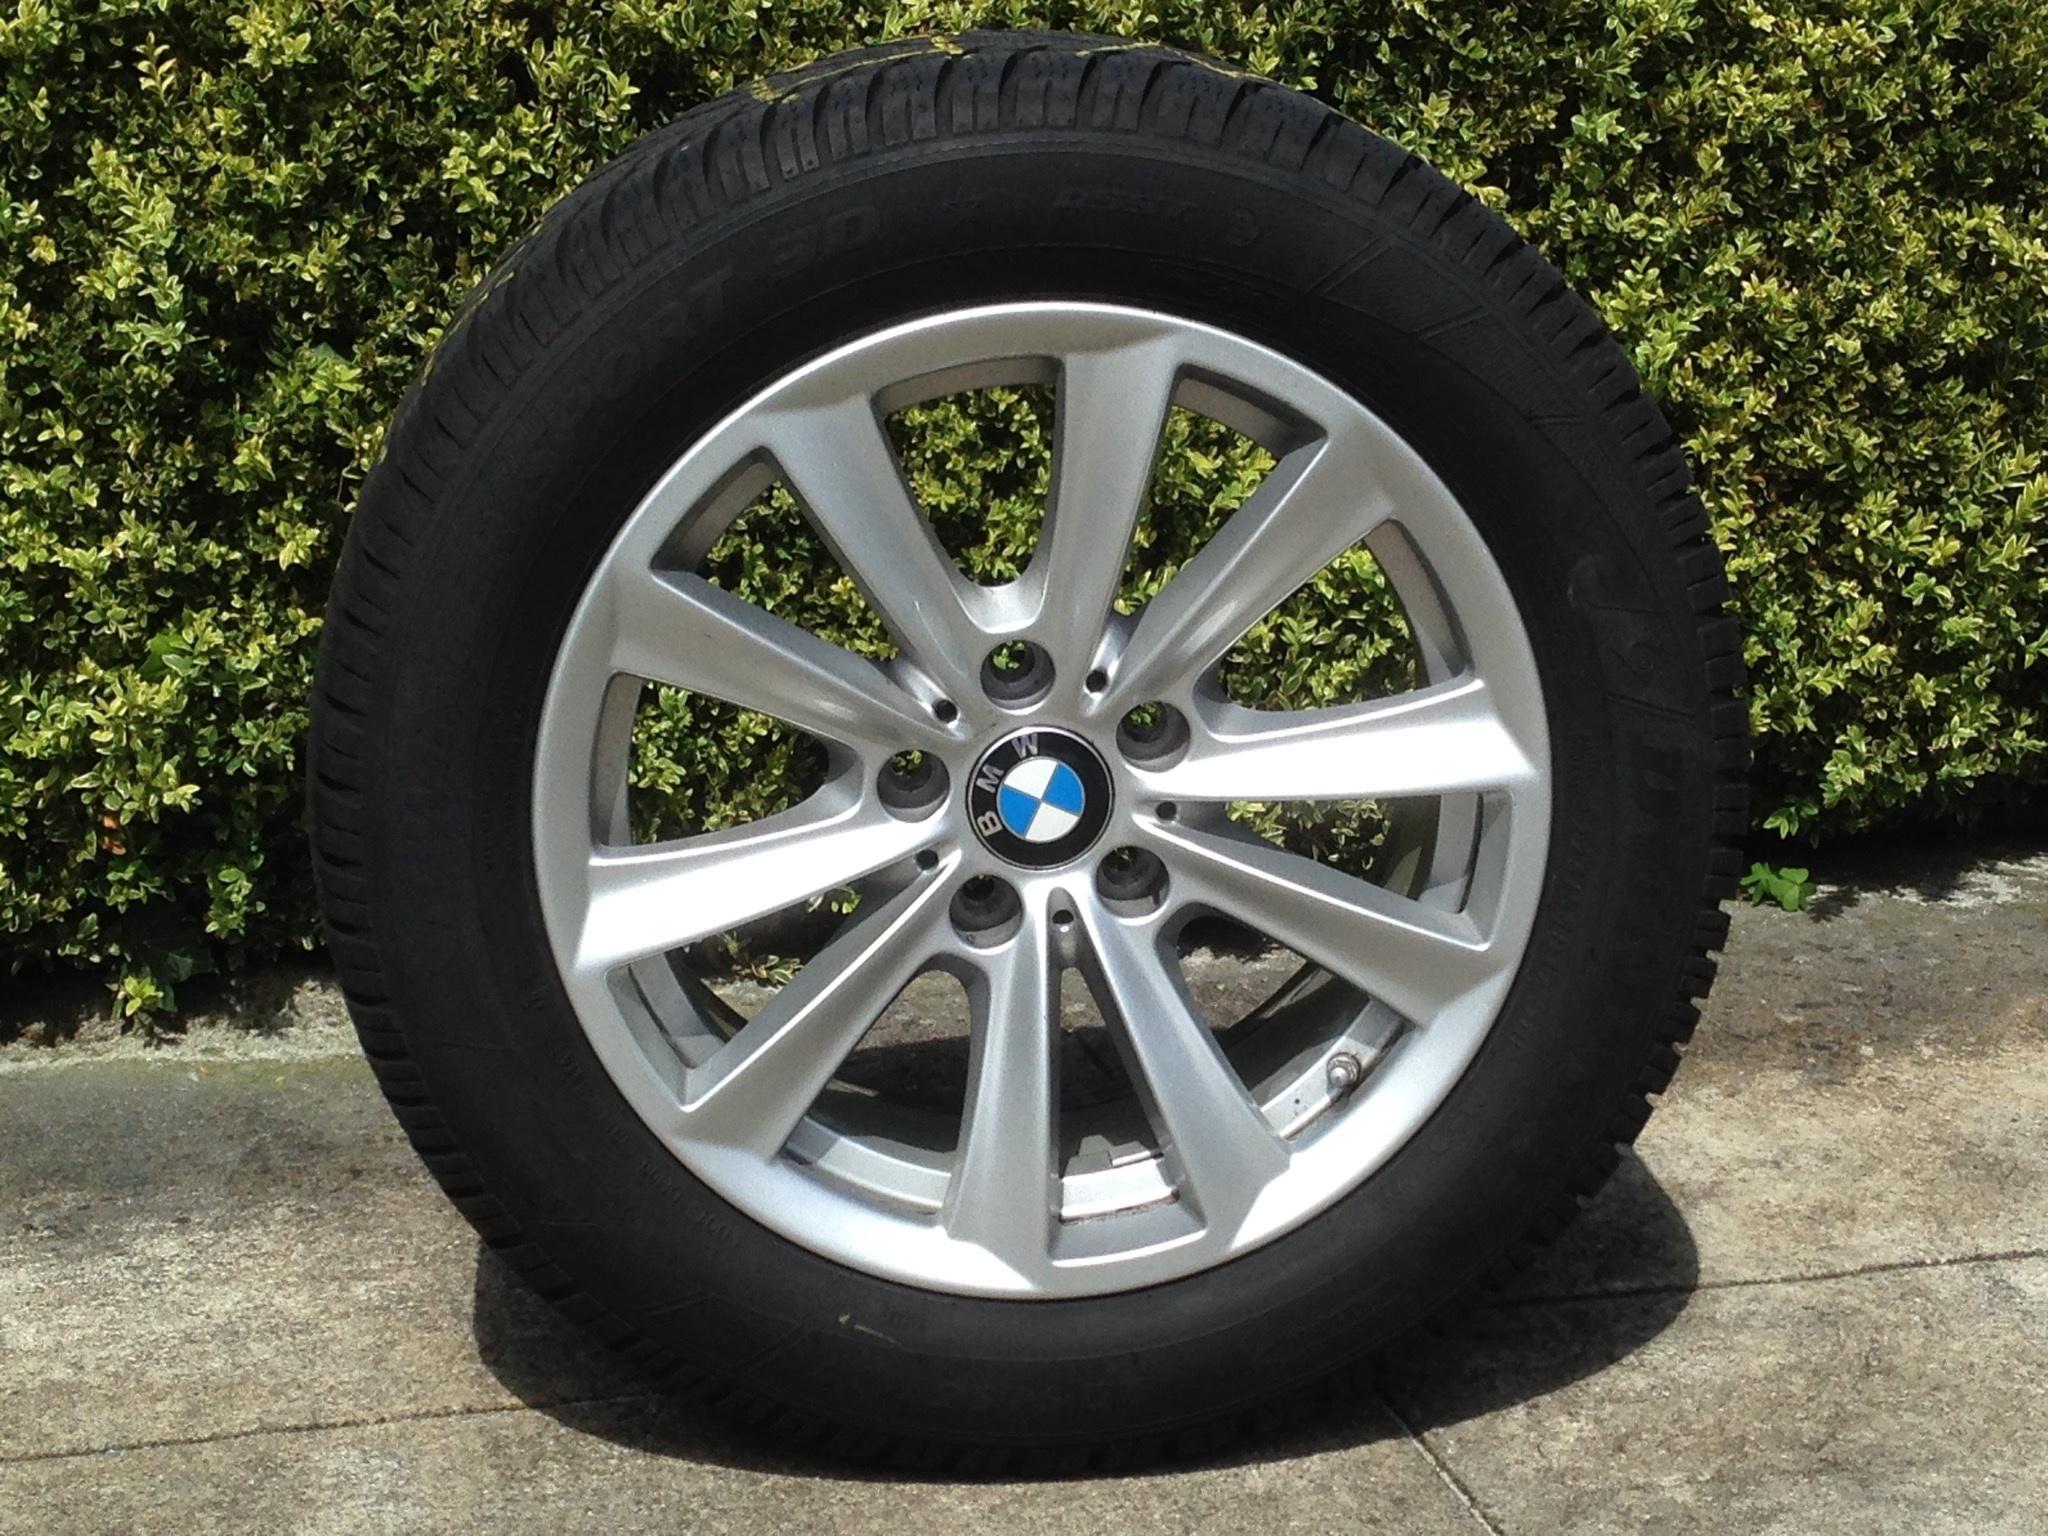 Free Images Spoke Motor Vehicle Tyre Cool Image Rim Bmw - Bmw cool car